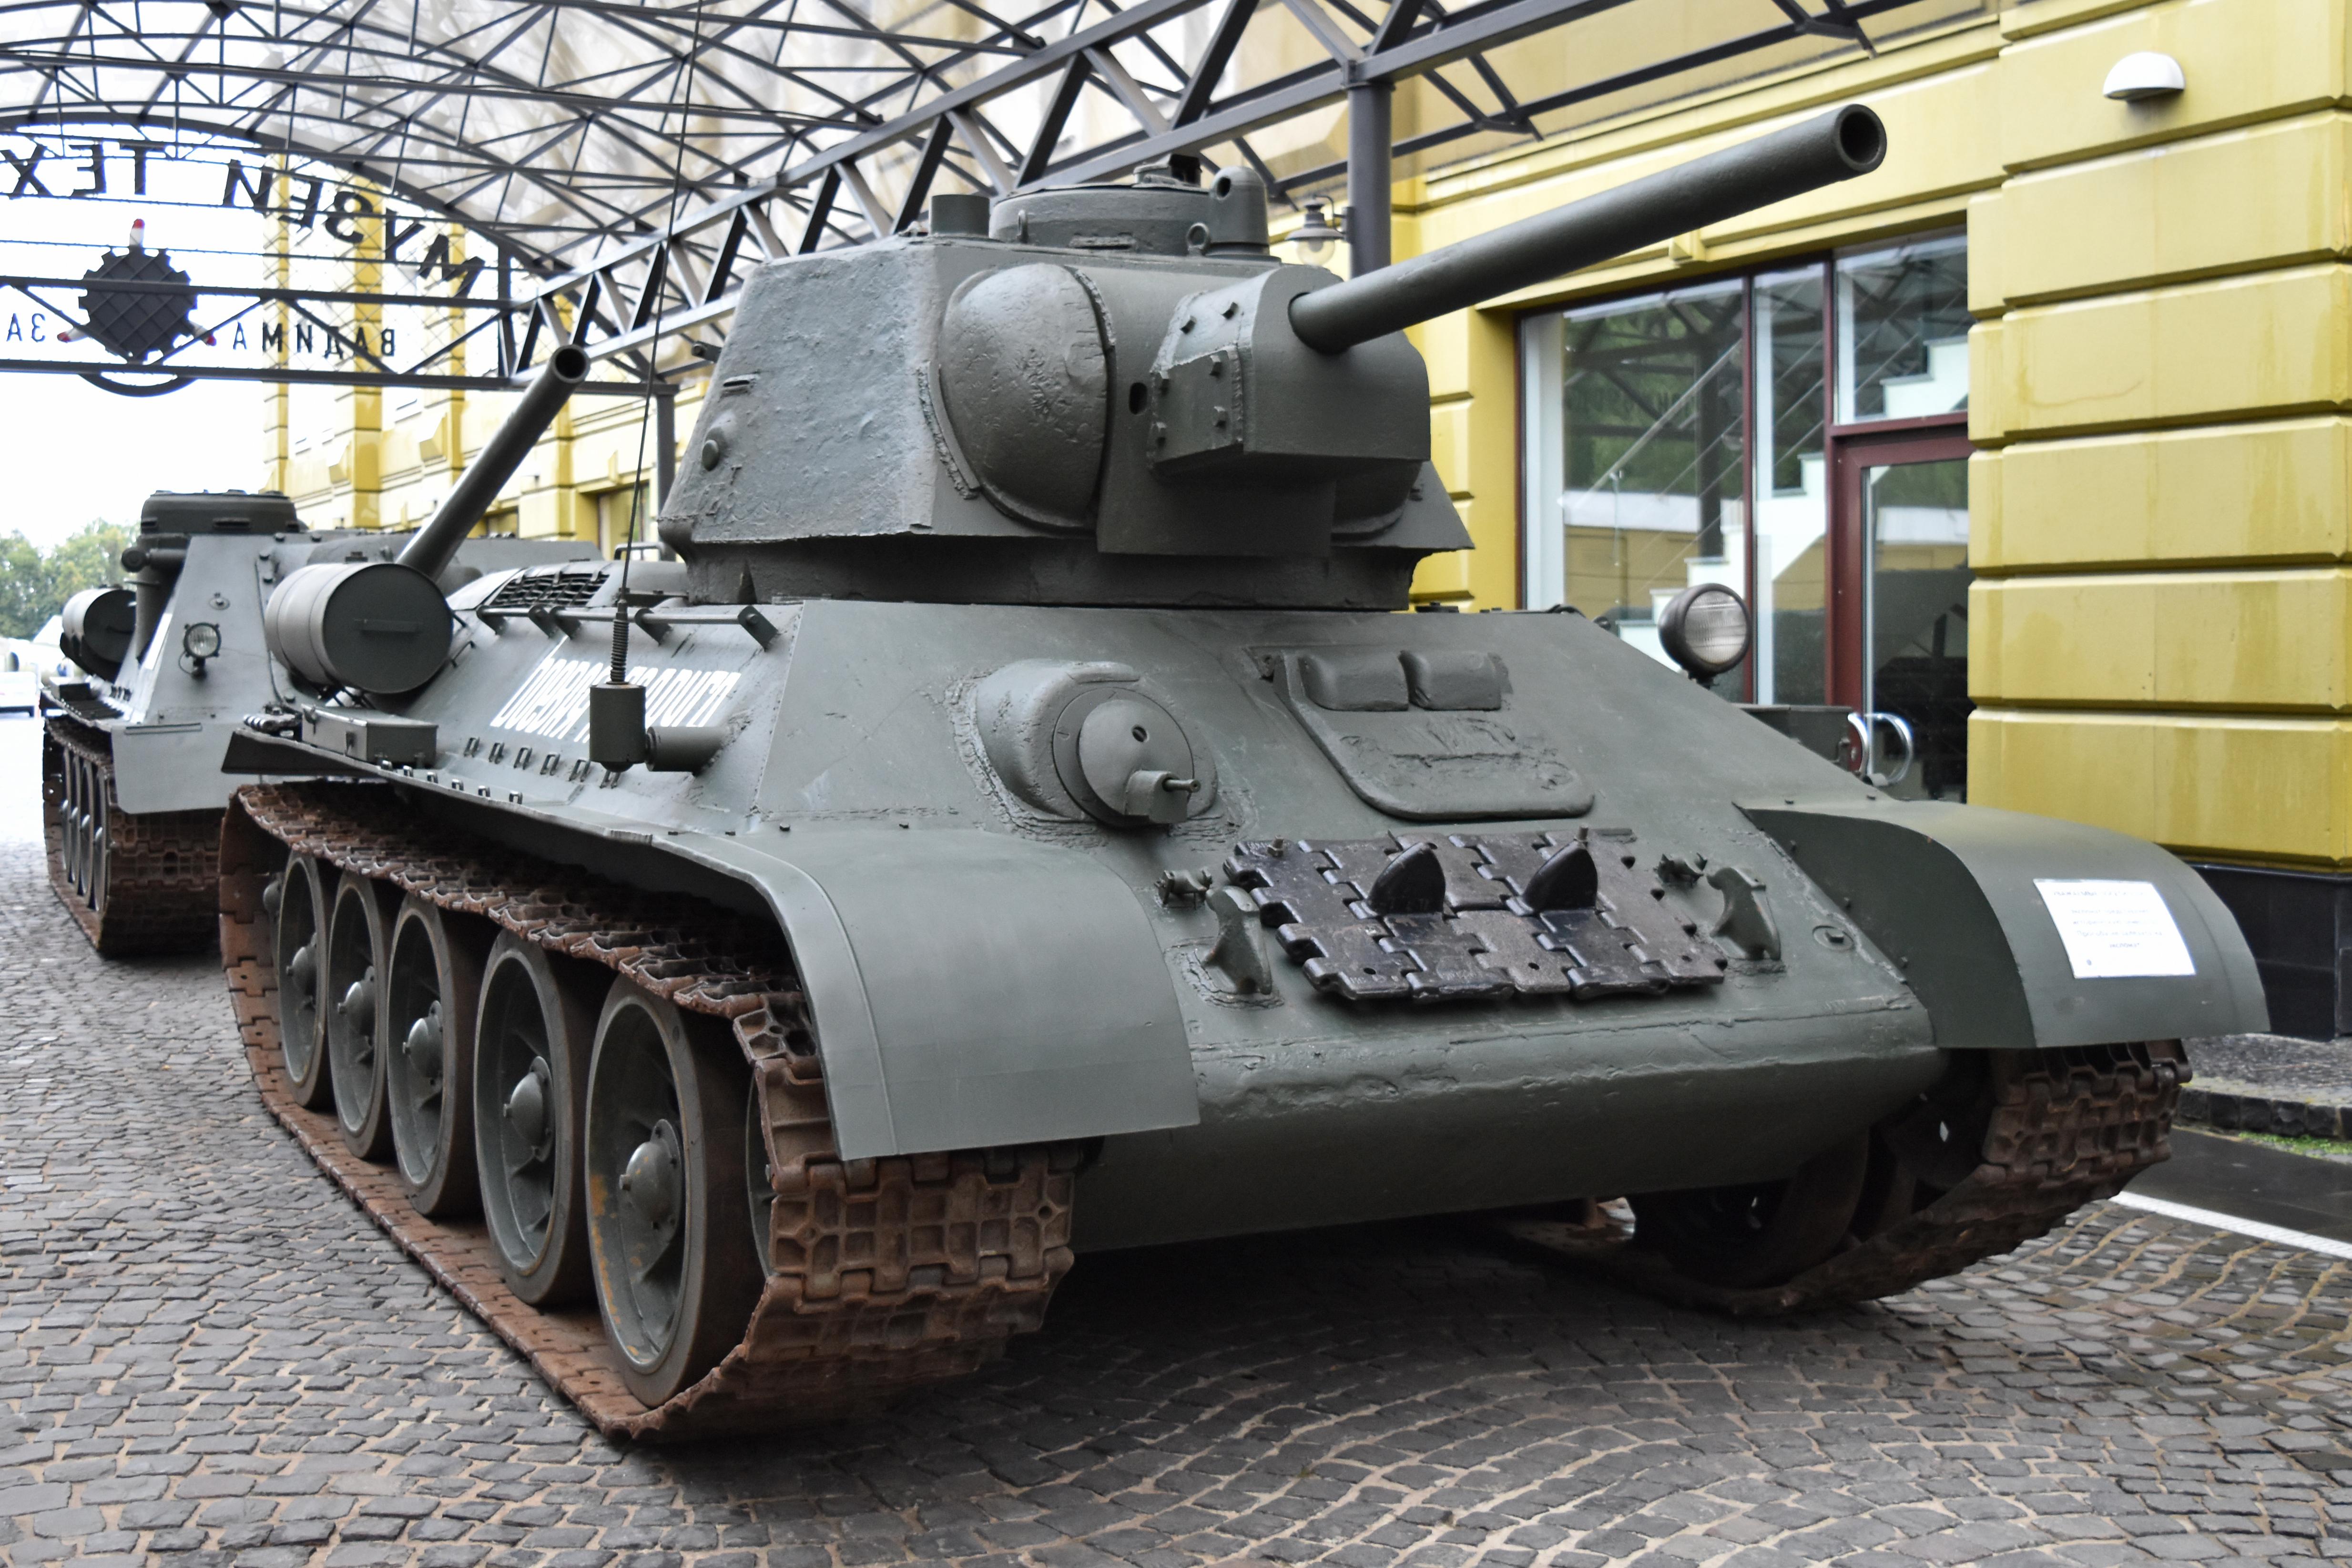 T34-76_model_1943_-_Vadim_Zadorozhny_Tec